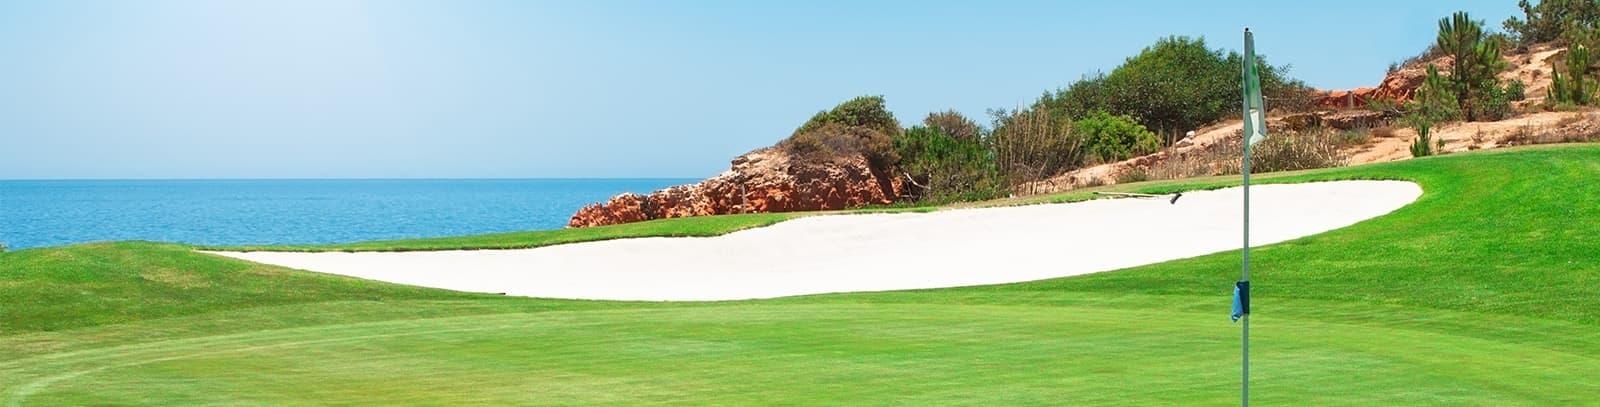 Paquete de golf en Riviera Maya